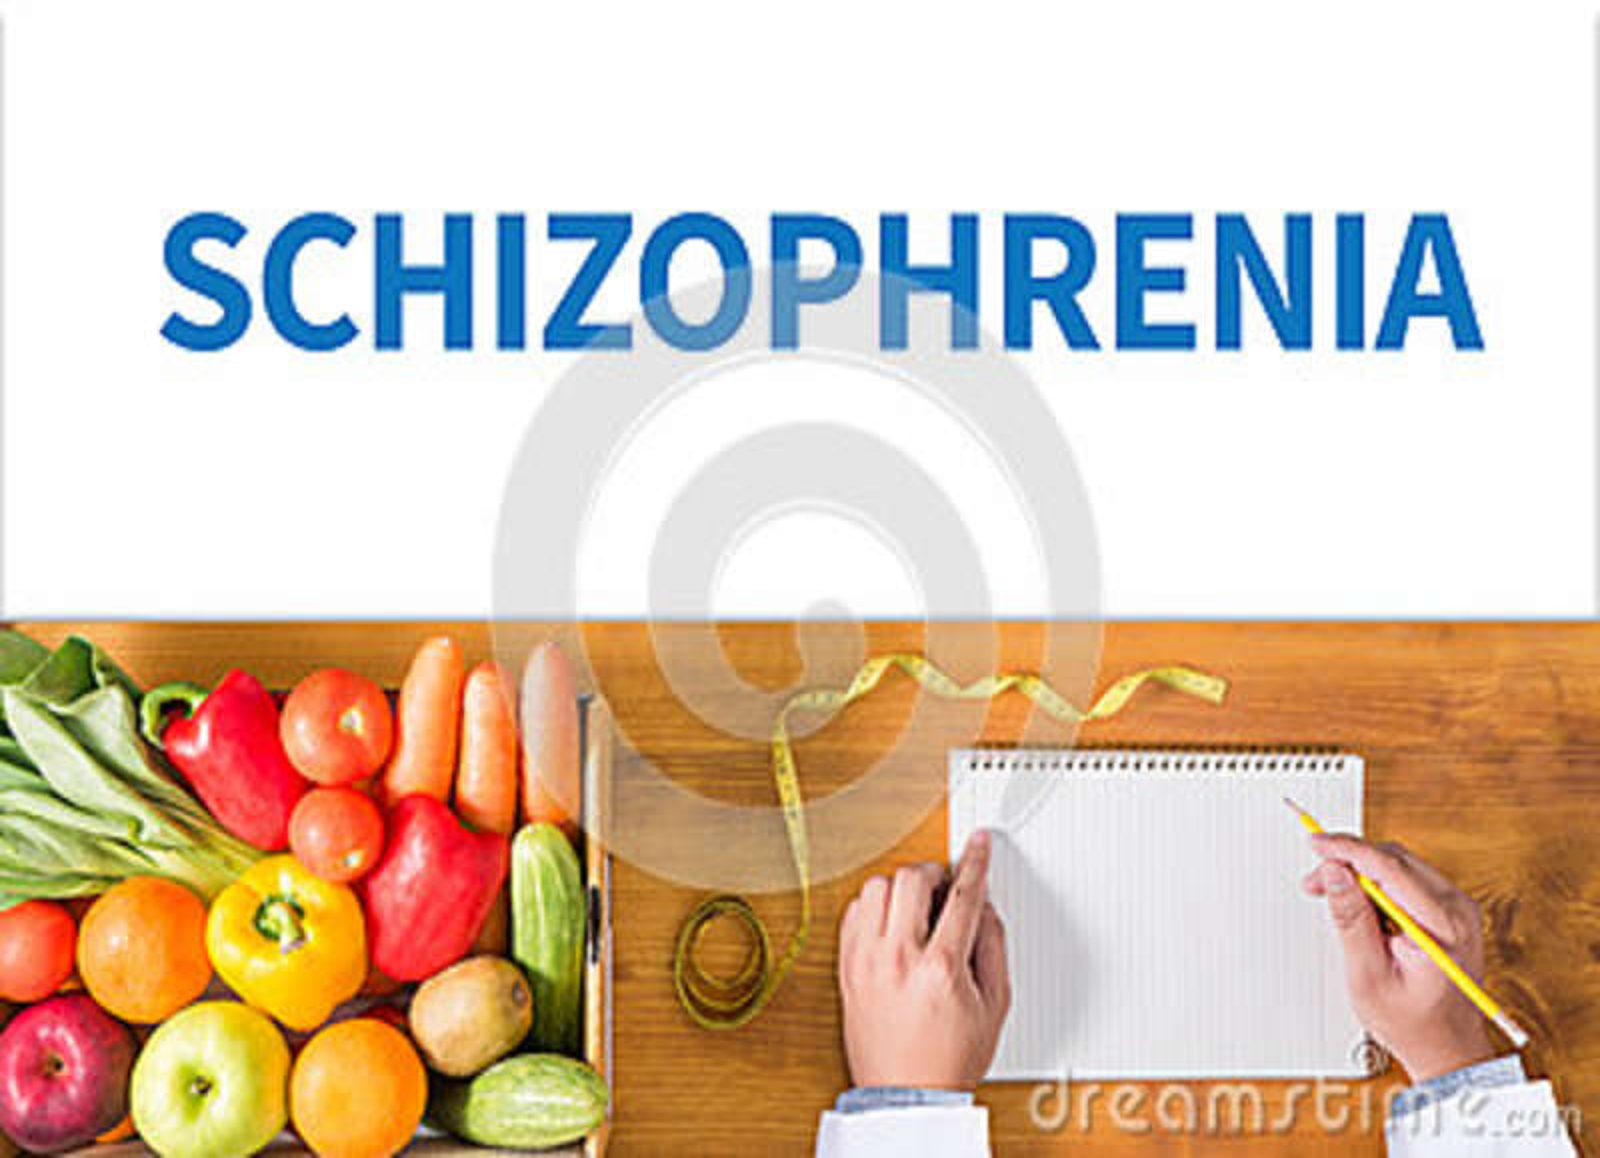 dating een schizofrenie vrouw